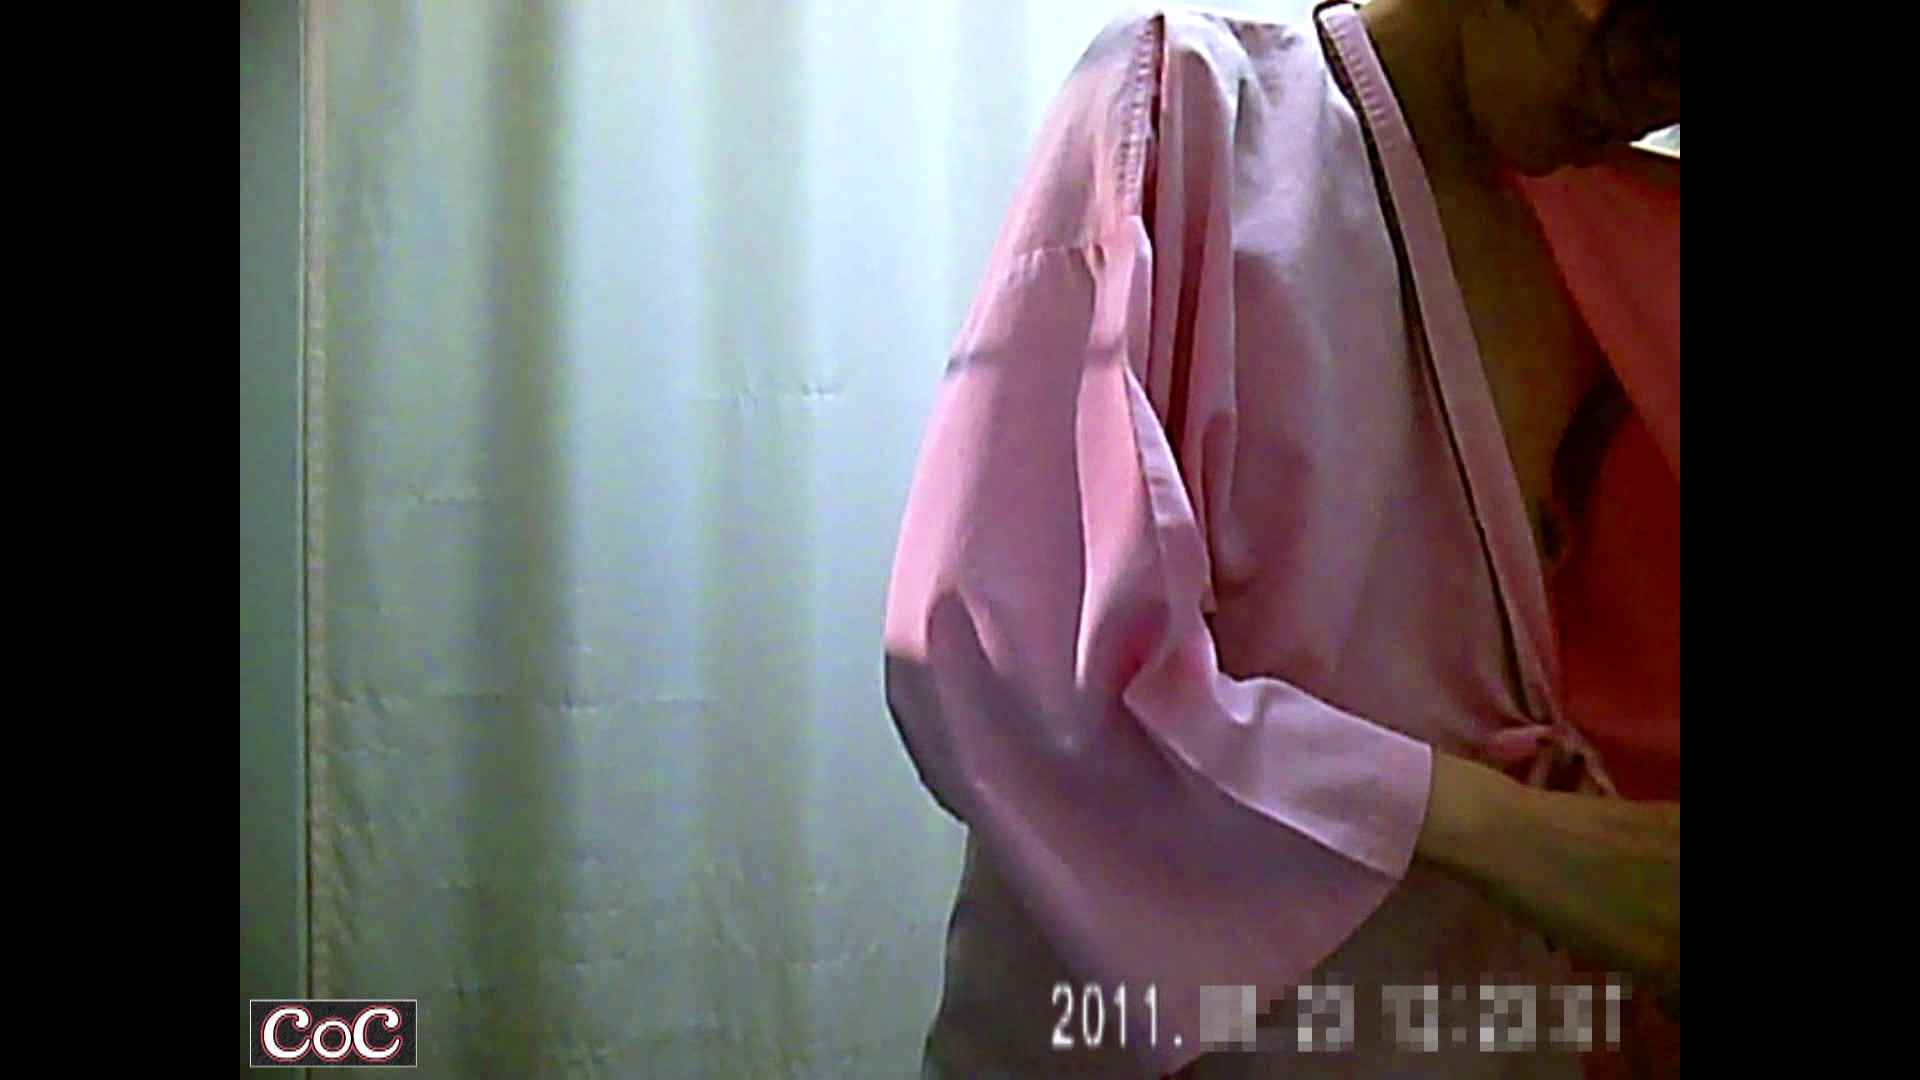 病院おもいっきり着替え! vol.17 巨乳 おめこ無修正動画無料 102pic 5